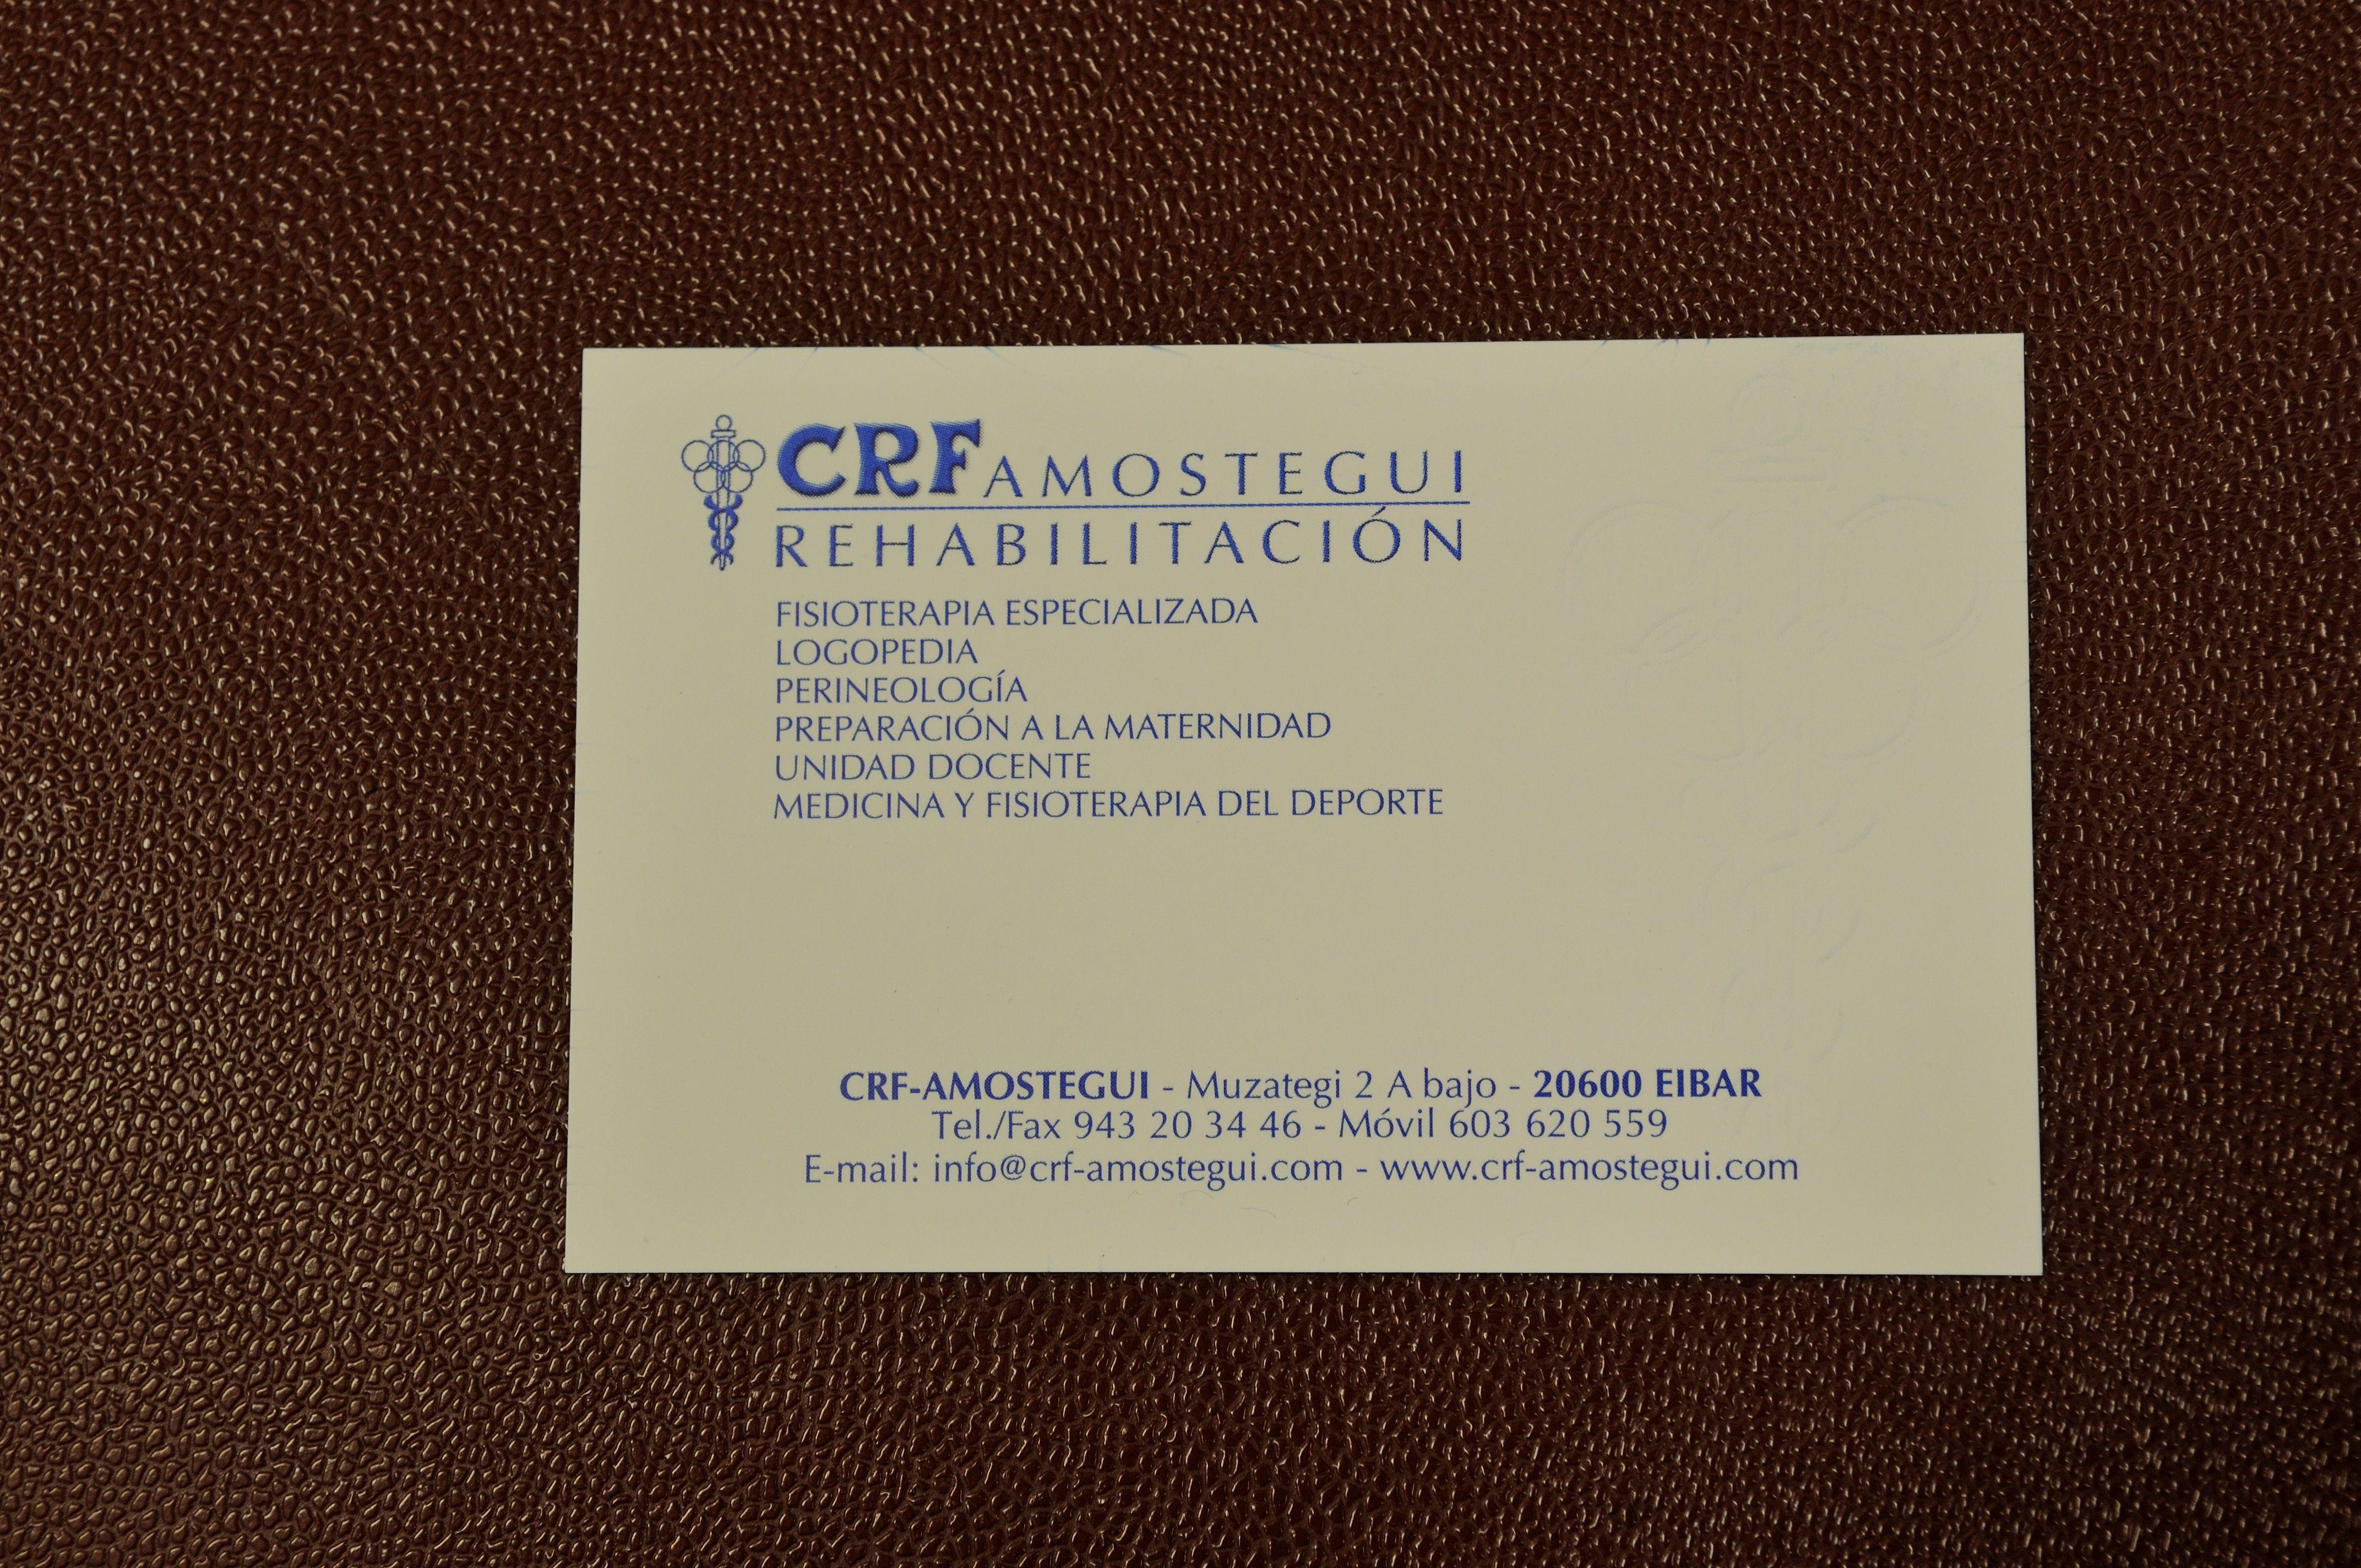 Foto 10 de Fisioterapia en Eibar | Amostegui Rehabilitación